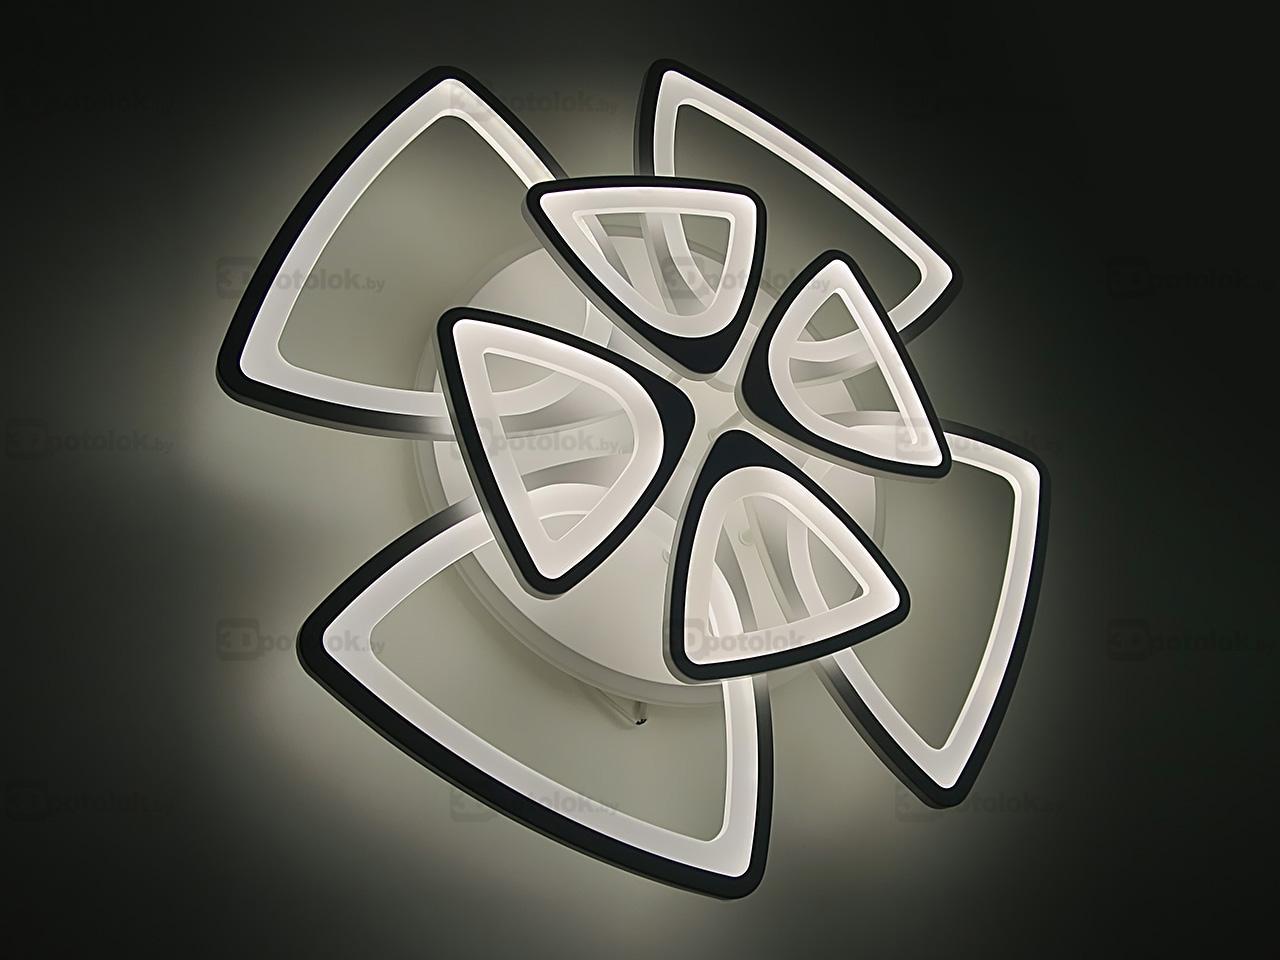 10006_44-WHTBLYL_2_лого